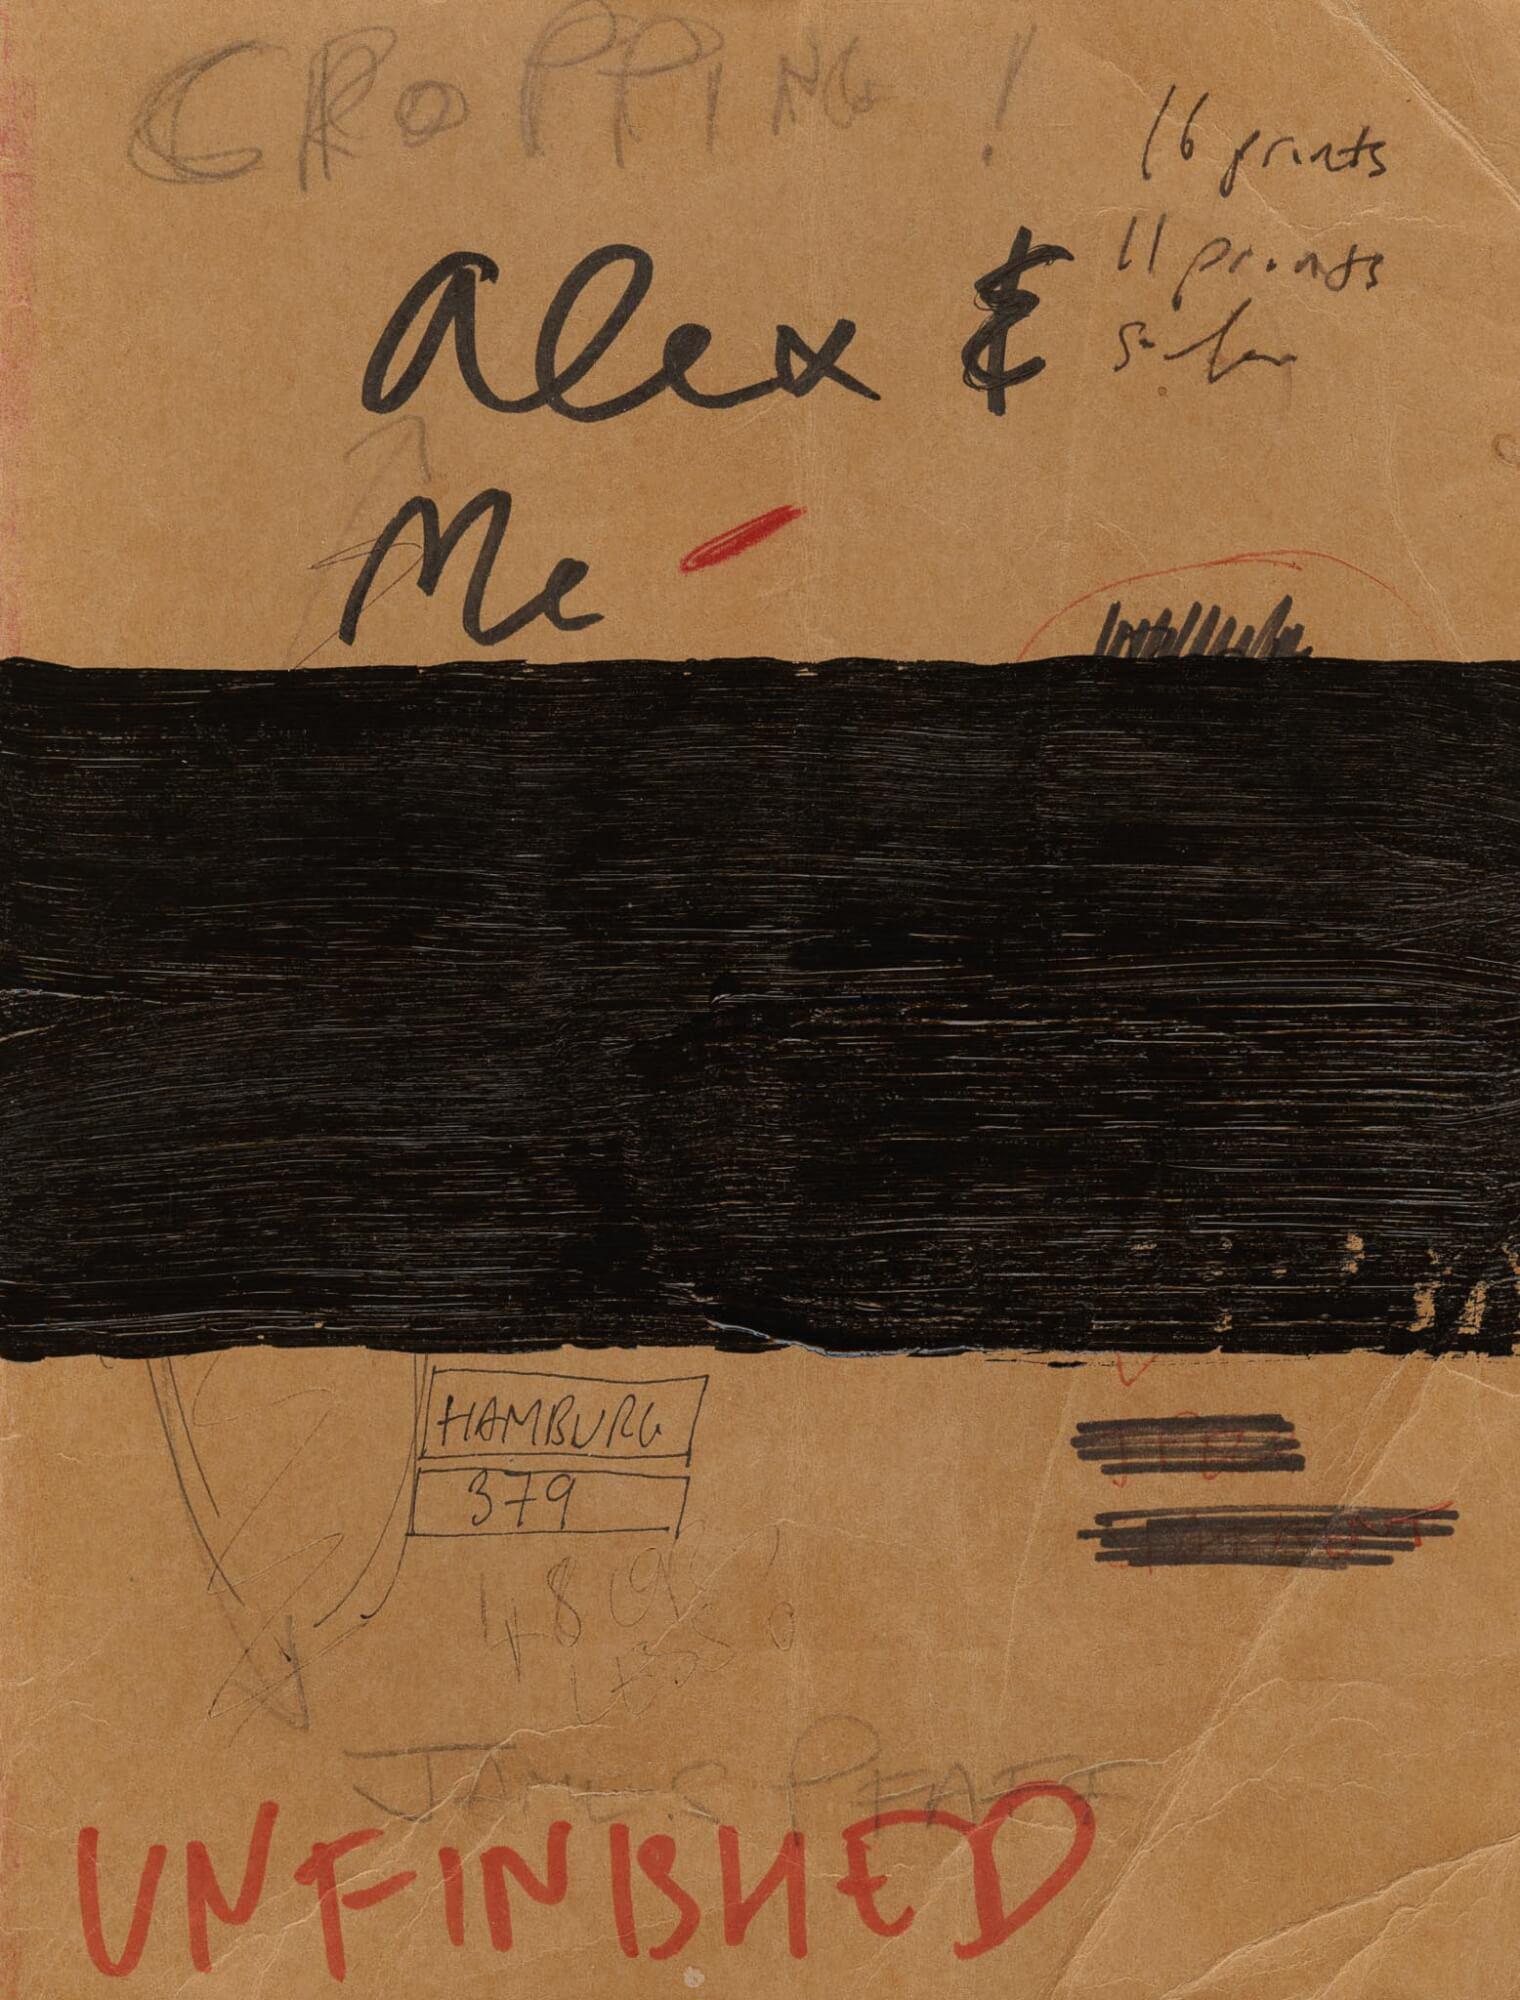 Alex & Me - James Pfaff - Phases Magazine